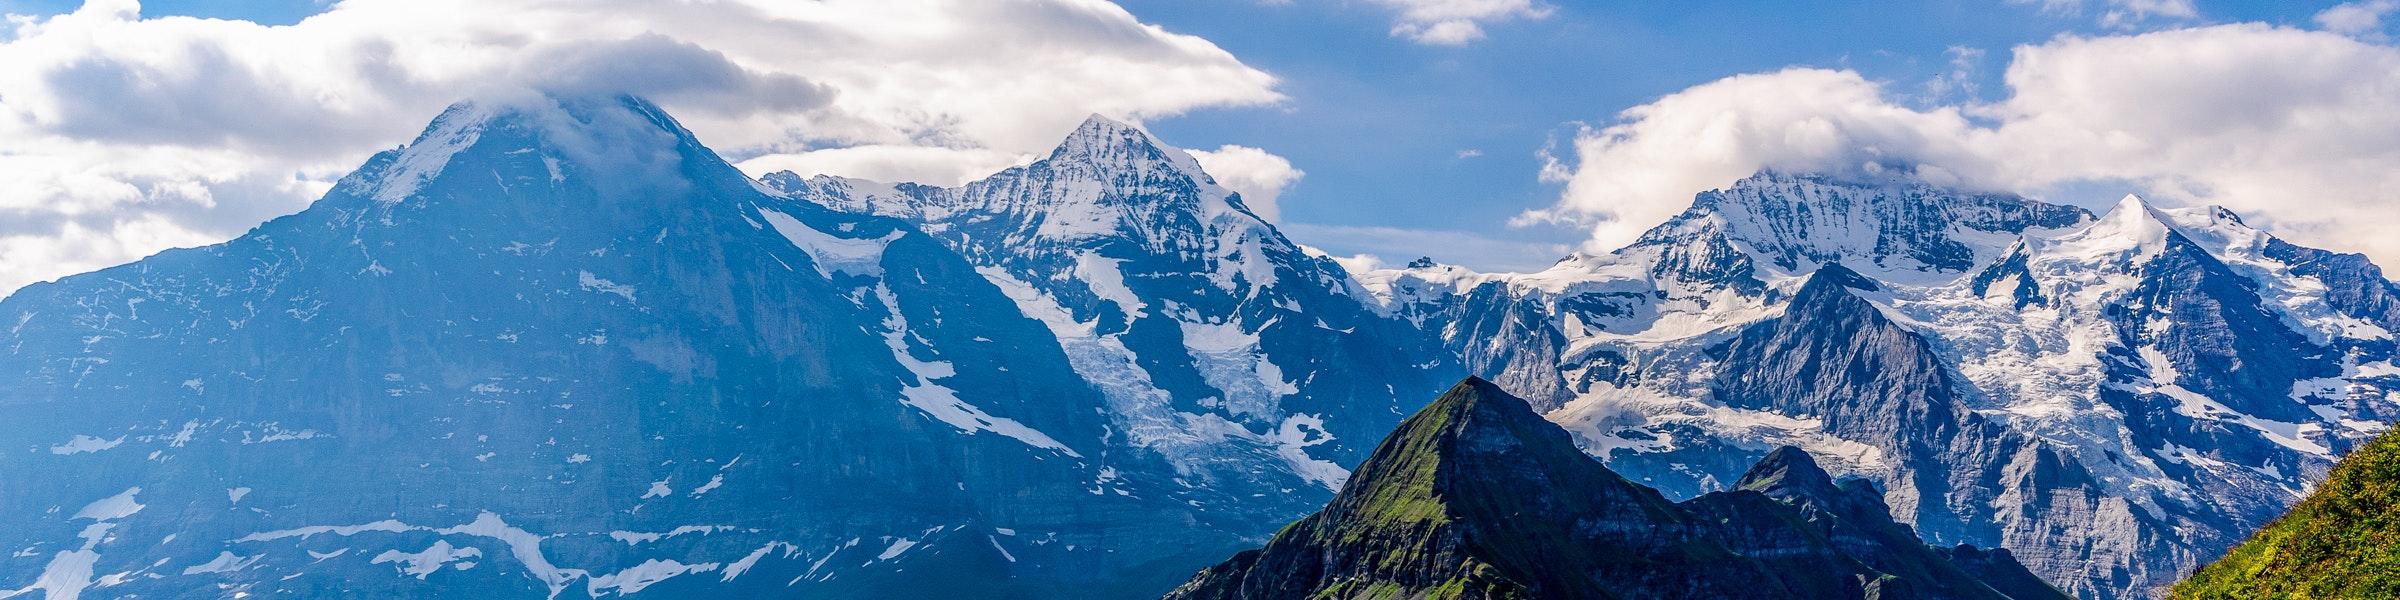 Eiger Mönch Jungfrau vanuit Männlichen